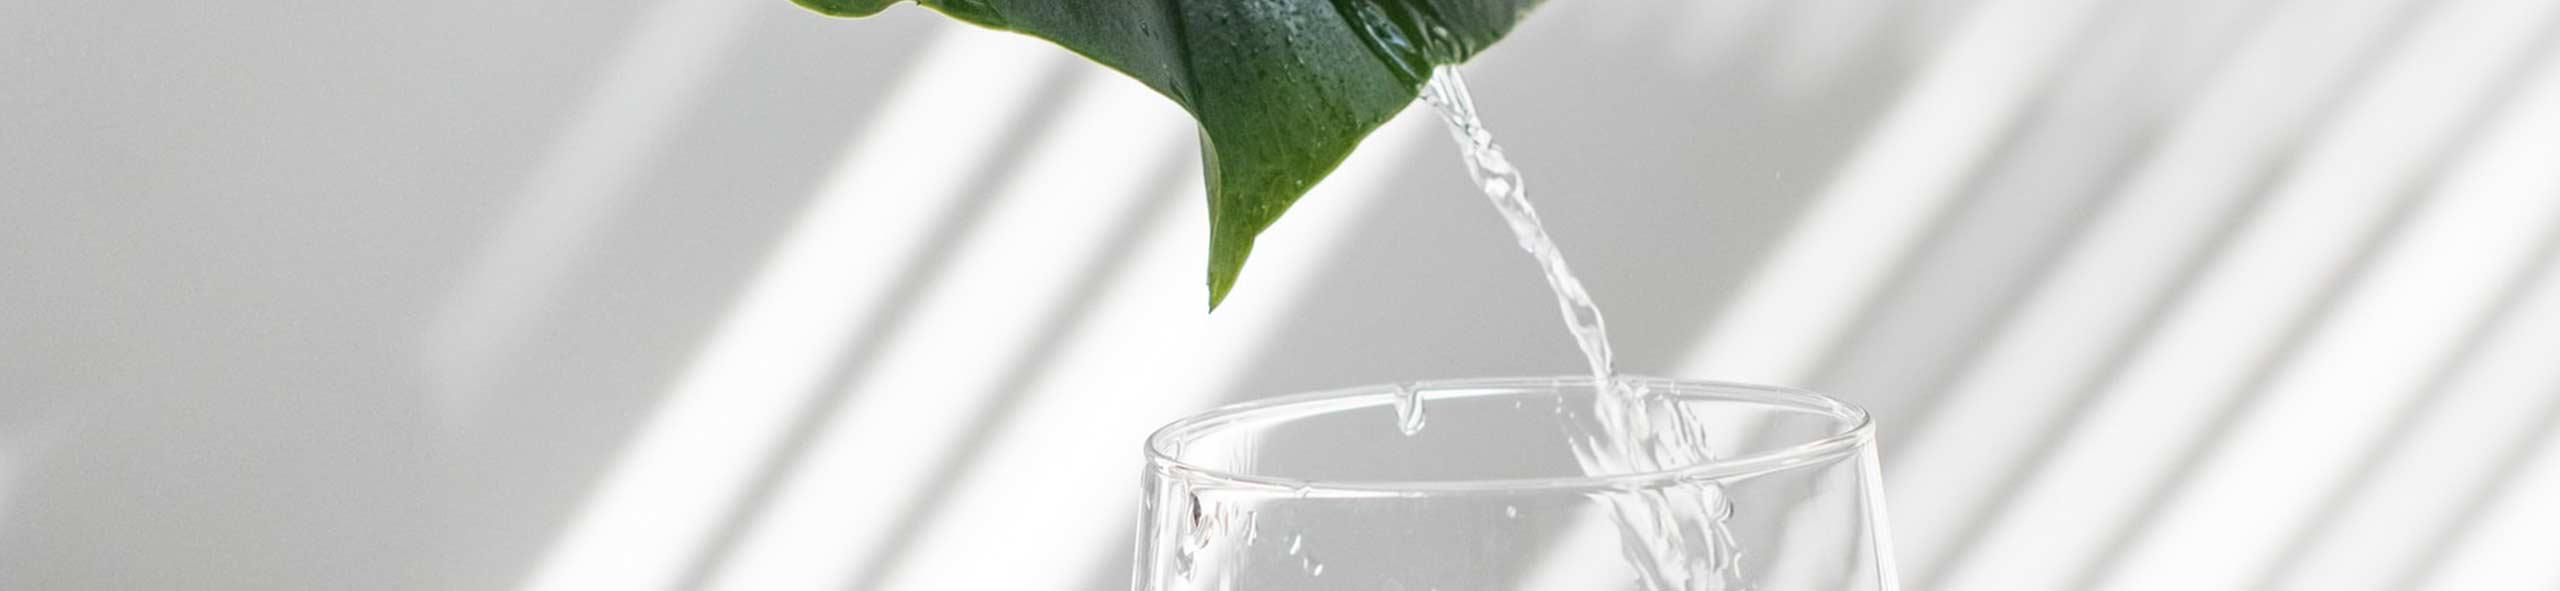 Wasserqualität des WVO